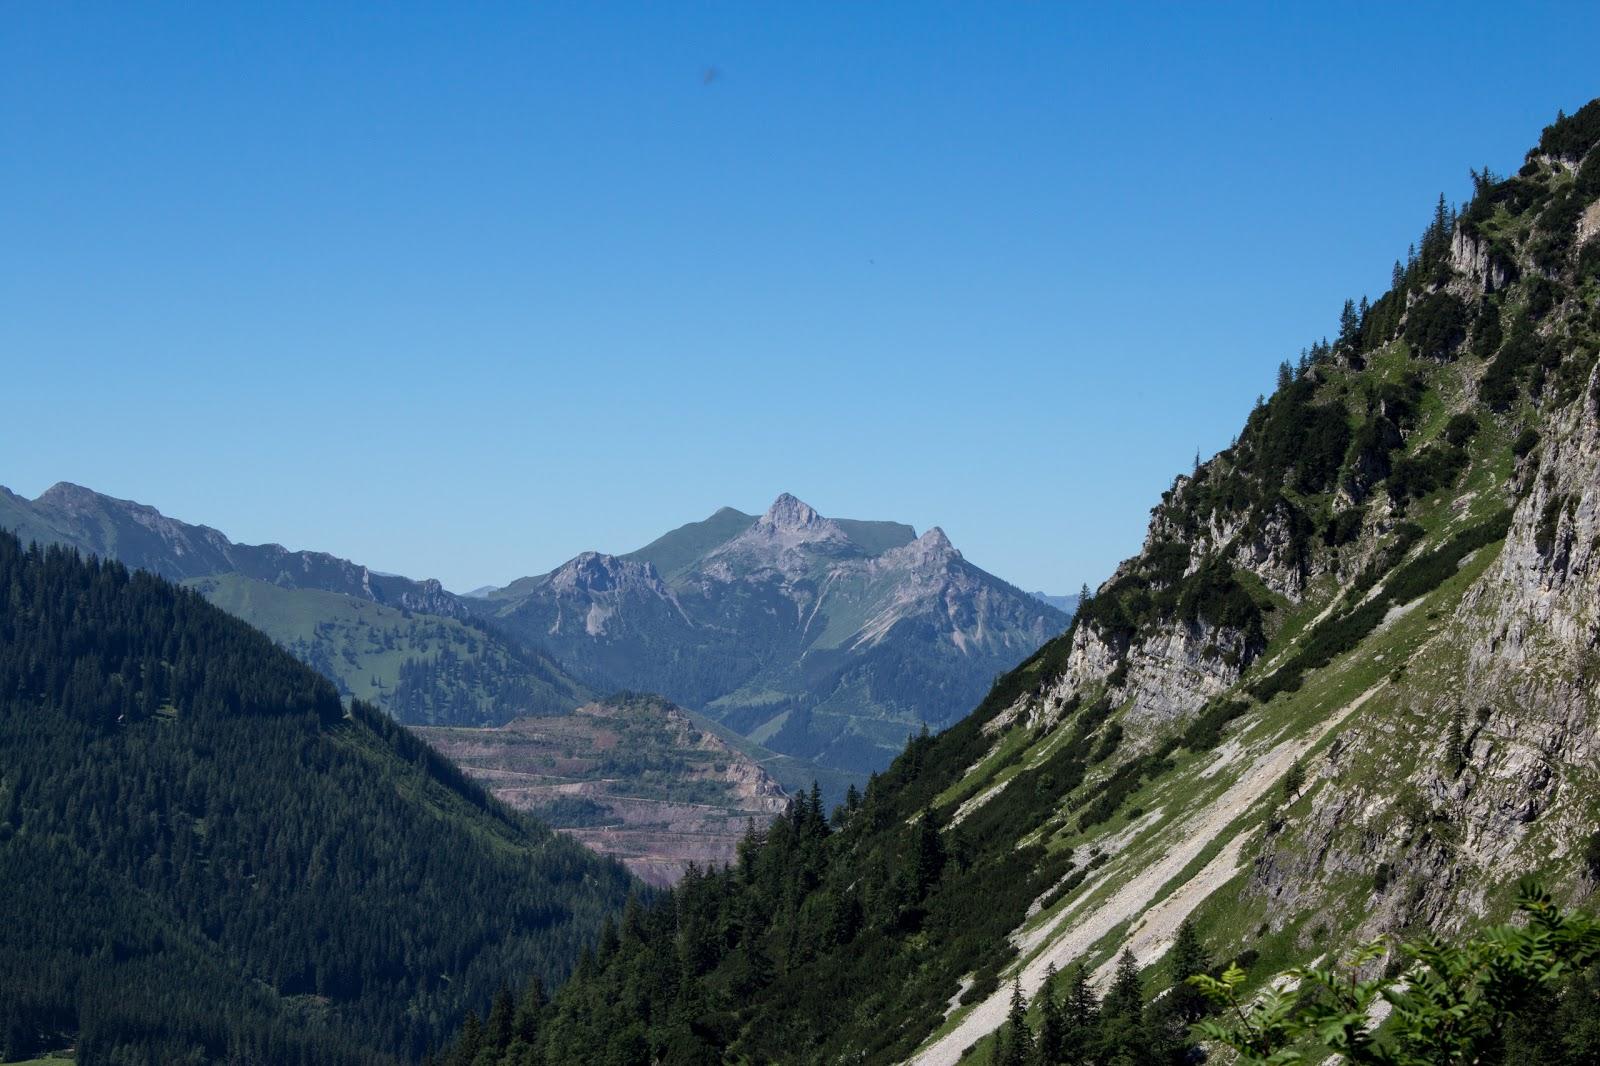 Zweitägige Wanderung von der Gsollkehre in Eisenerz über die Gsollalm zum Brandstein und weiter über Fobisalm und Hinterseeau zum Leopoldsteinersee